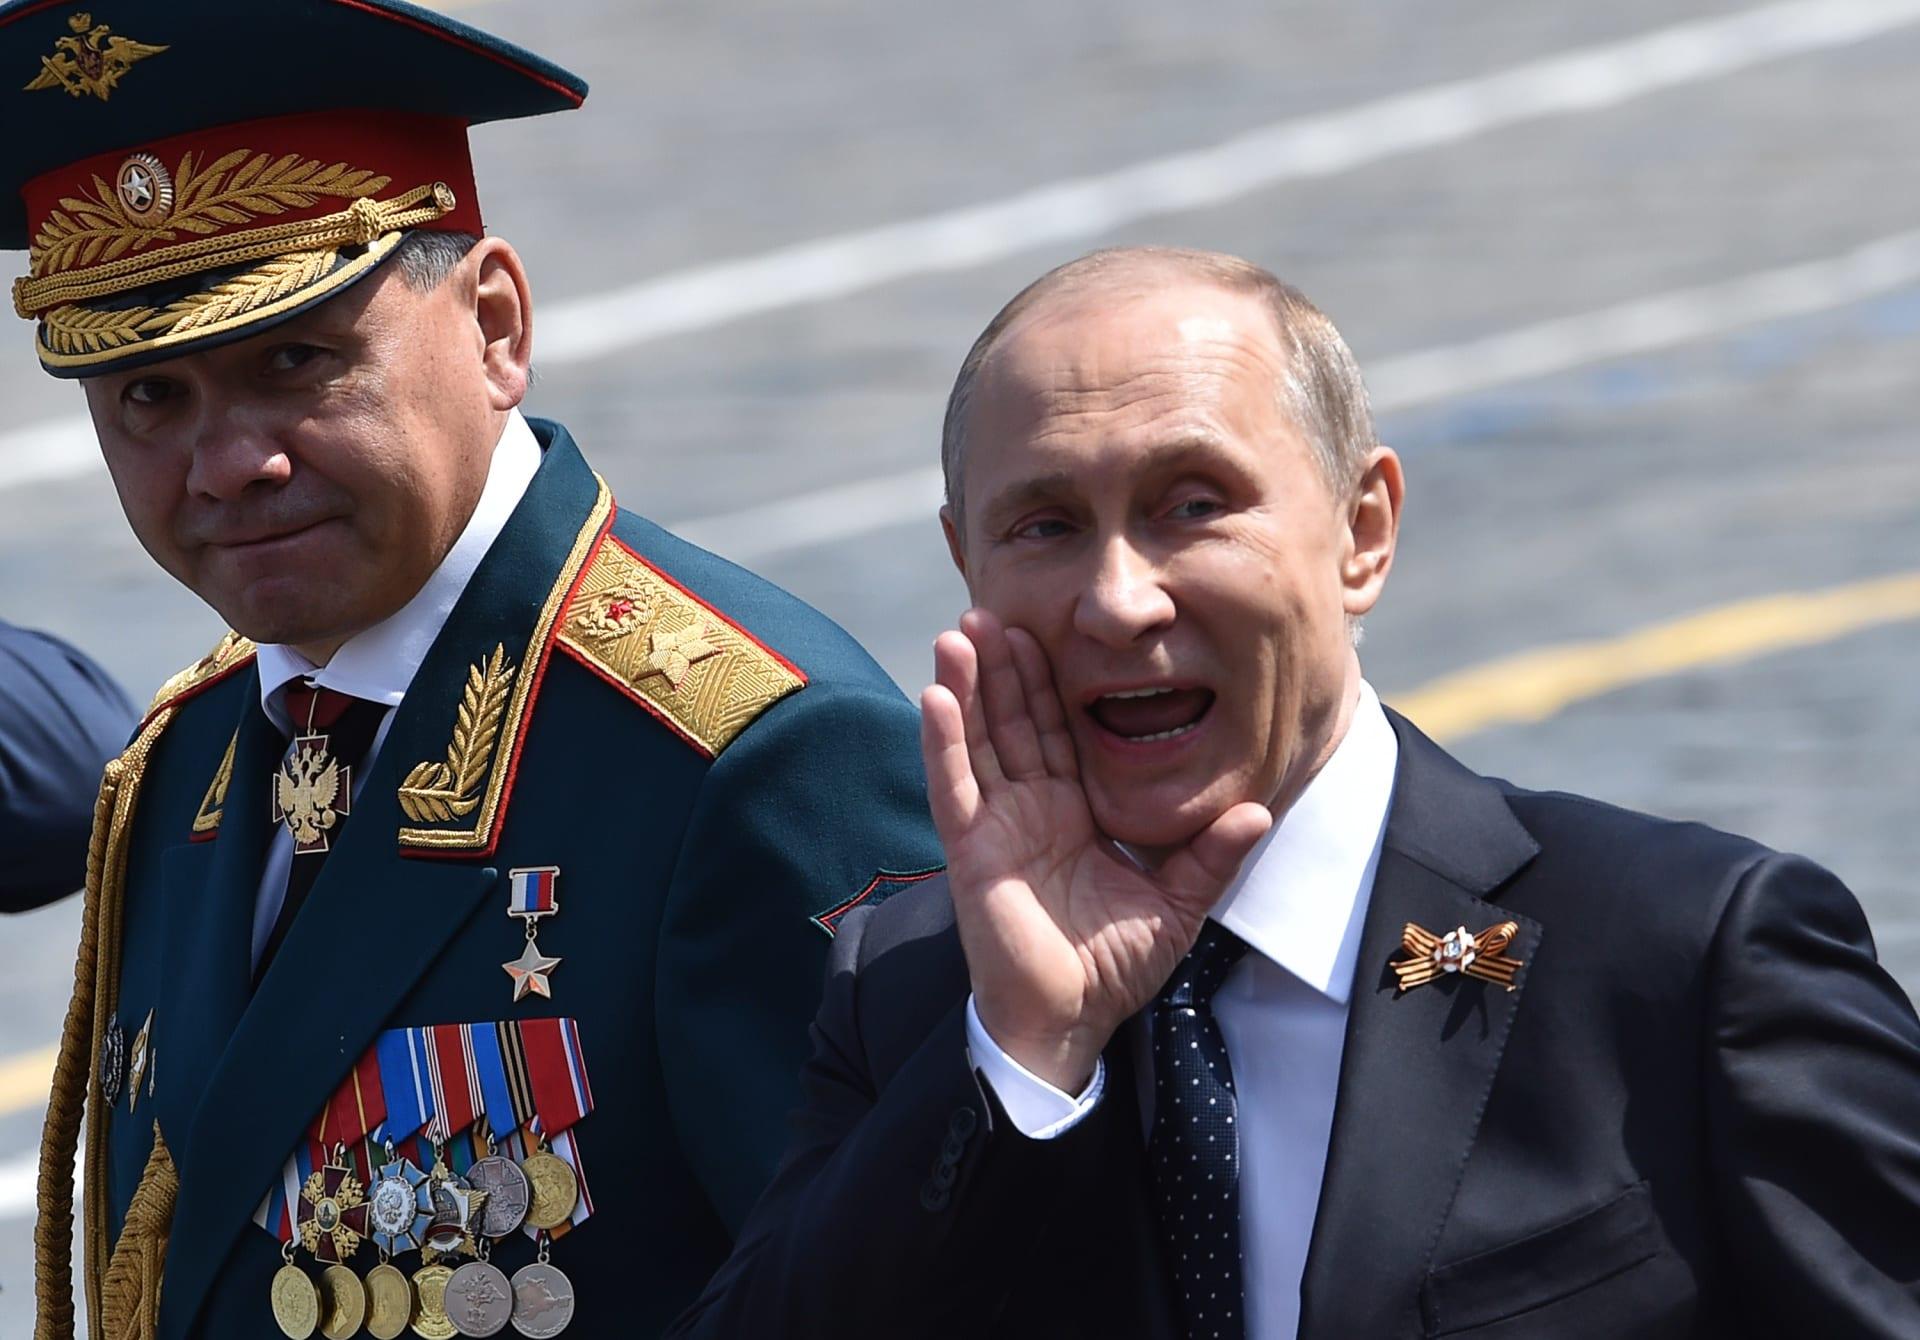 """روسيا ترد على تلميح بريطانيا حول """"الدب"""" بليبيا: كل الأسود قطط"""